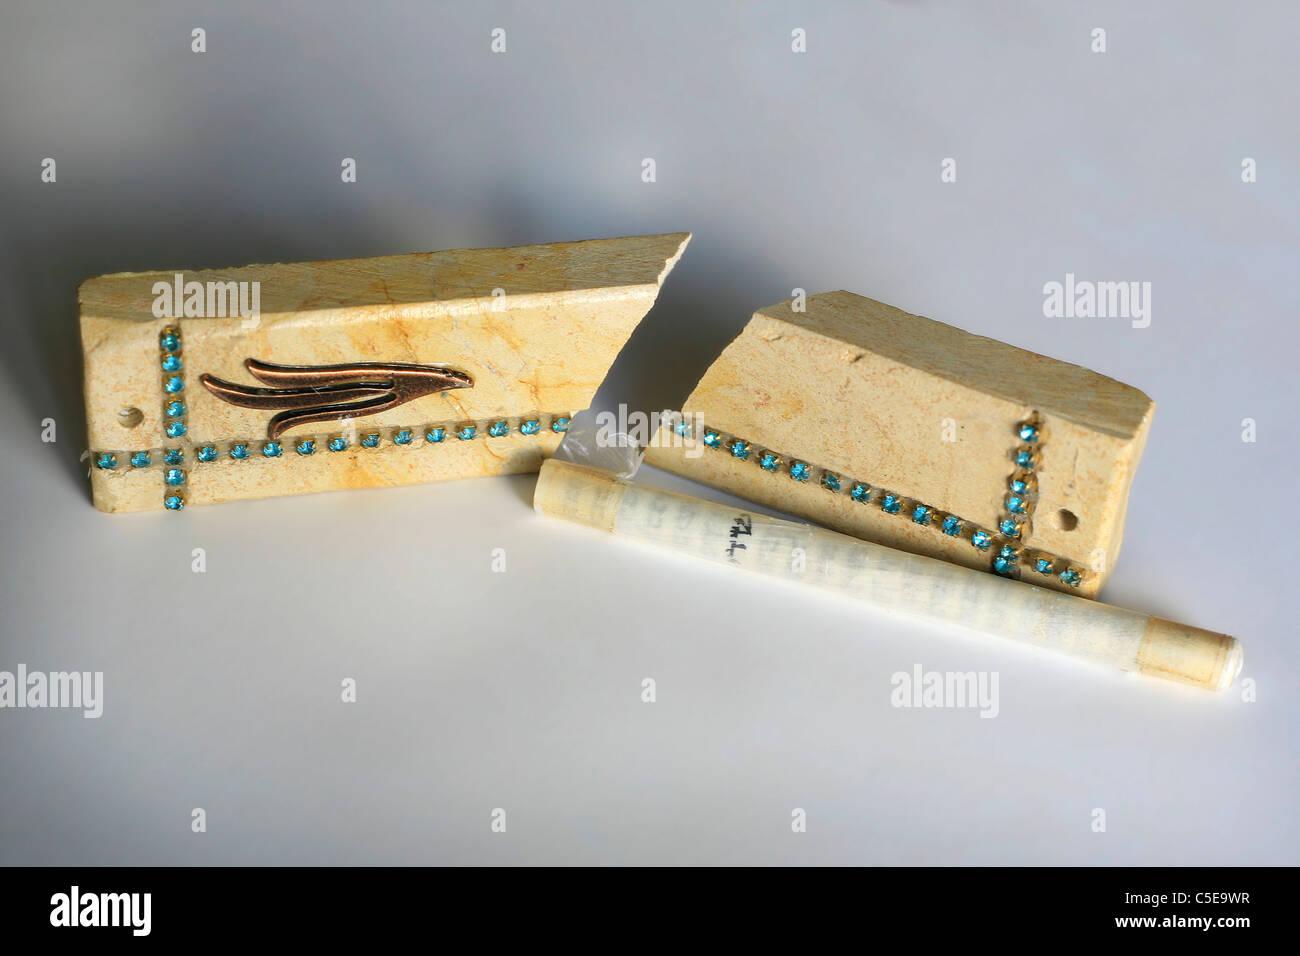 Mezuzah Stockfotos & Mezuzah Bilder - Alamy